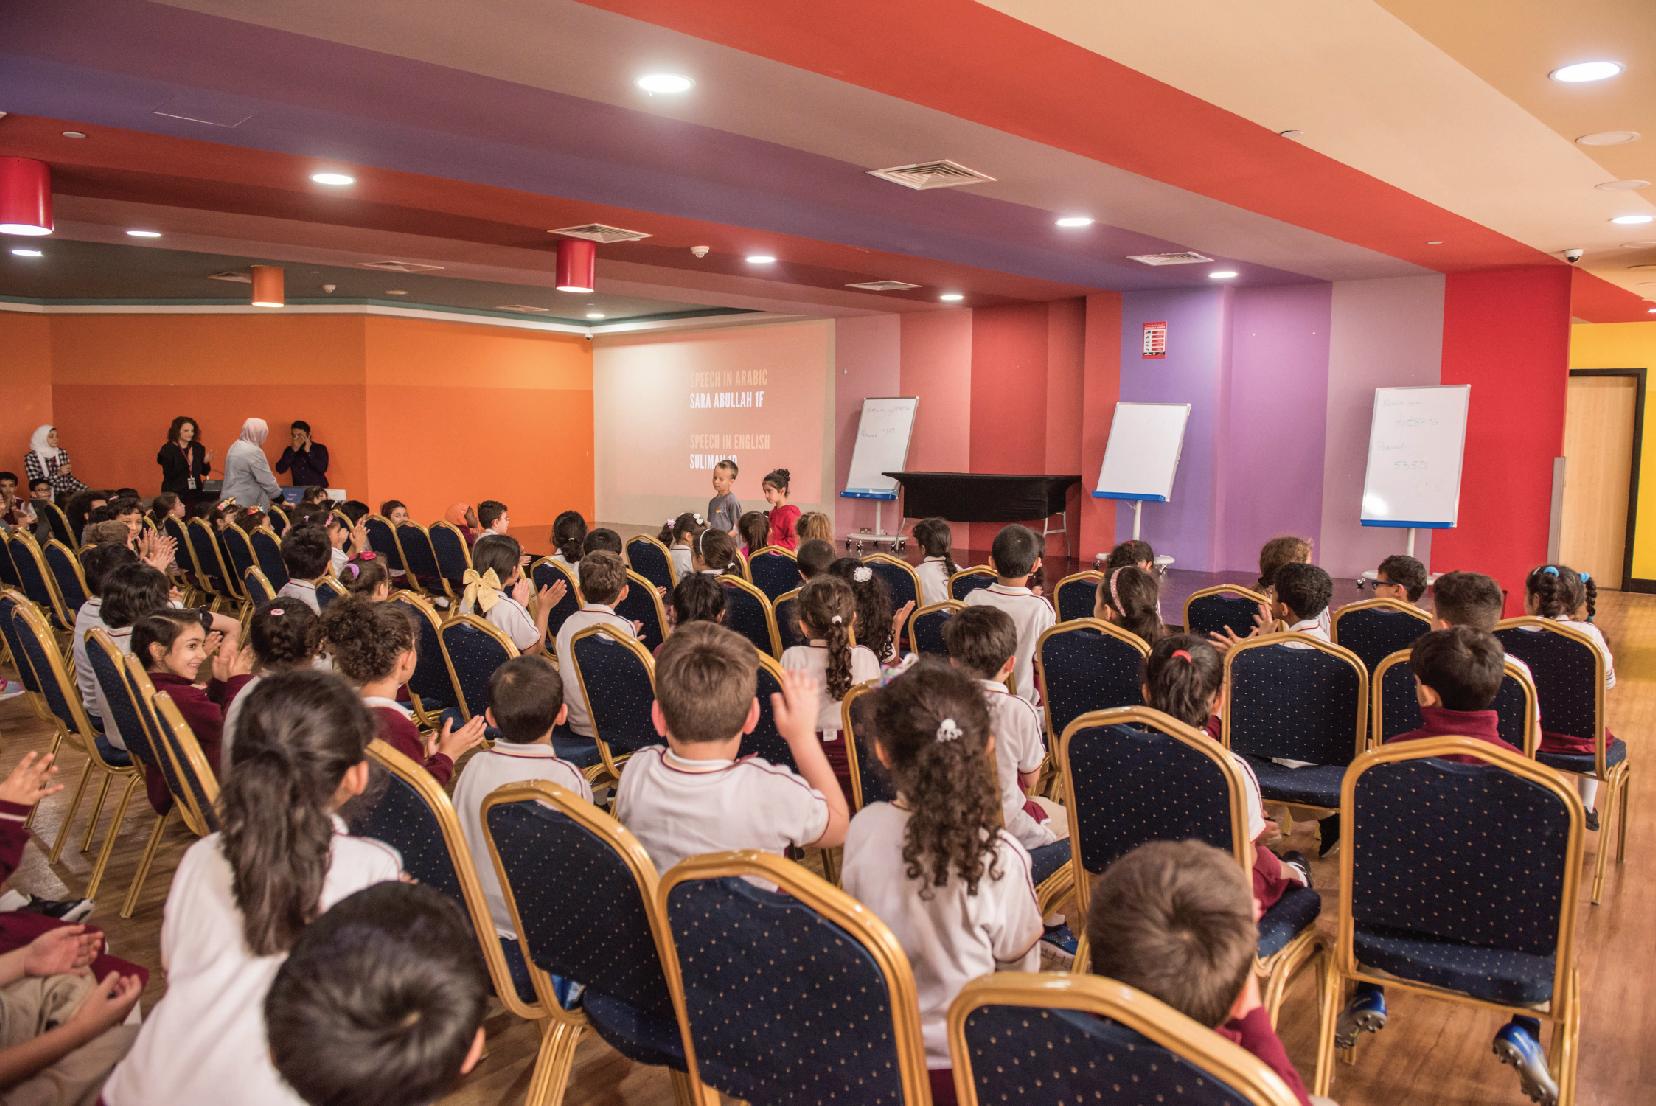 اجتماع الطلبة بشأن ملف شخصية المتعلم